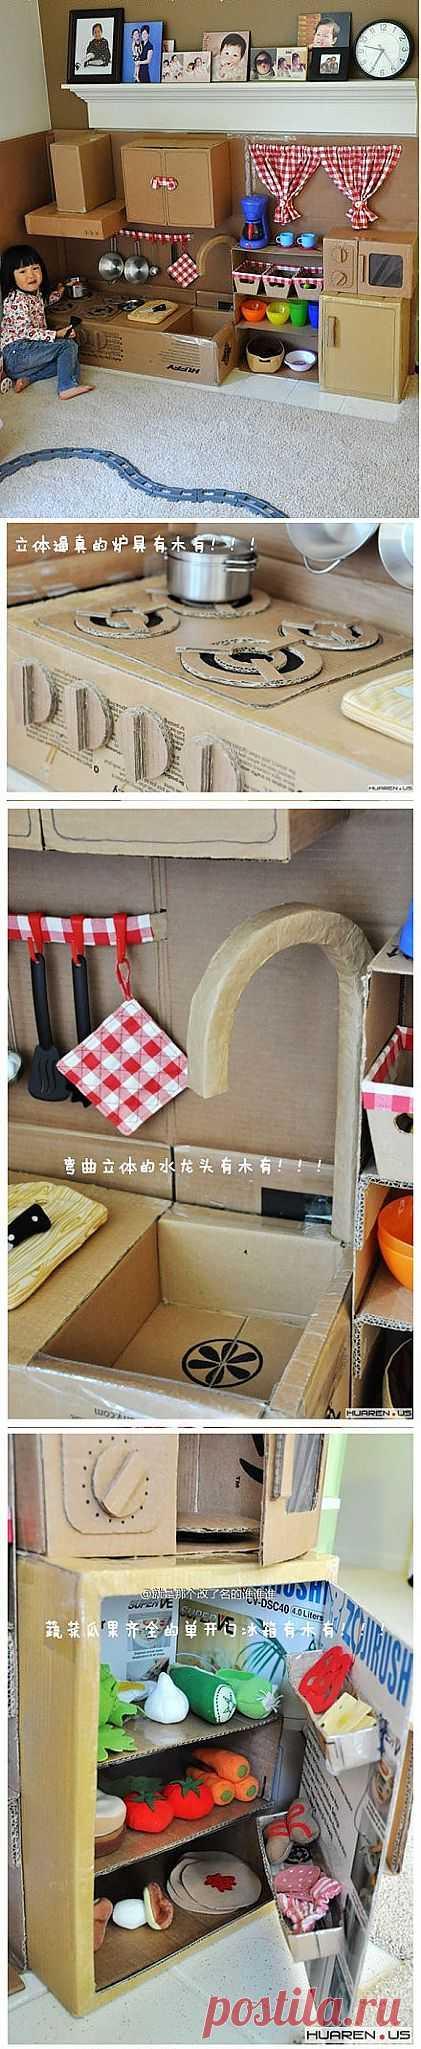 Игрушечная кухонька из картонных коробок.